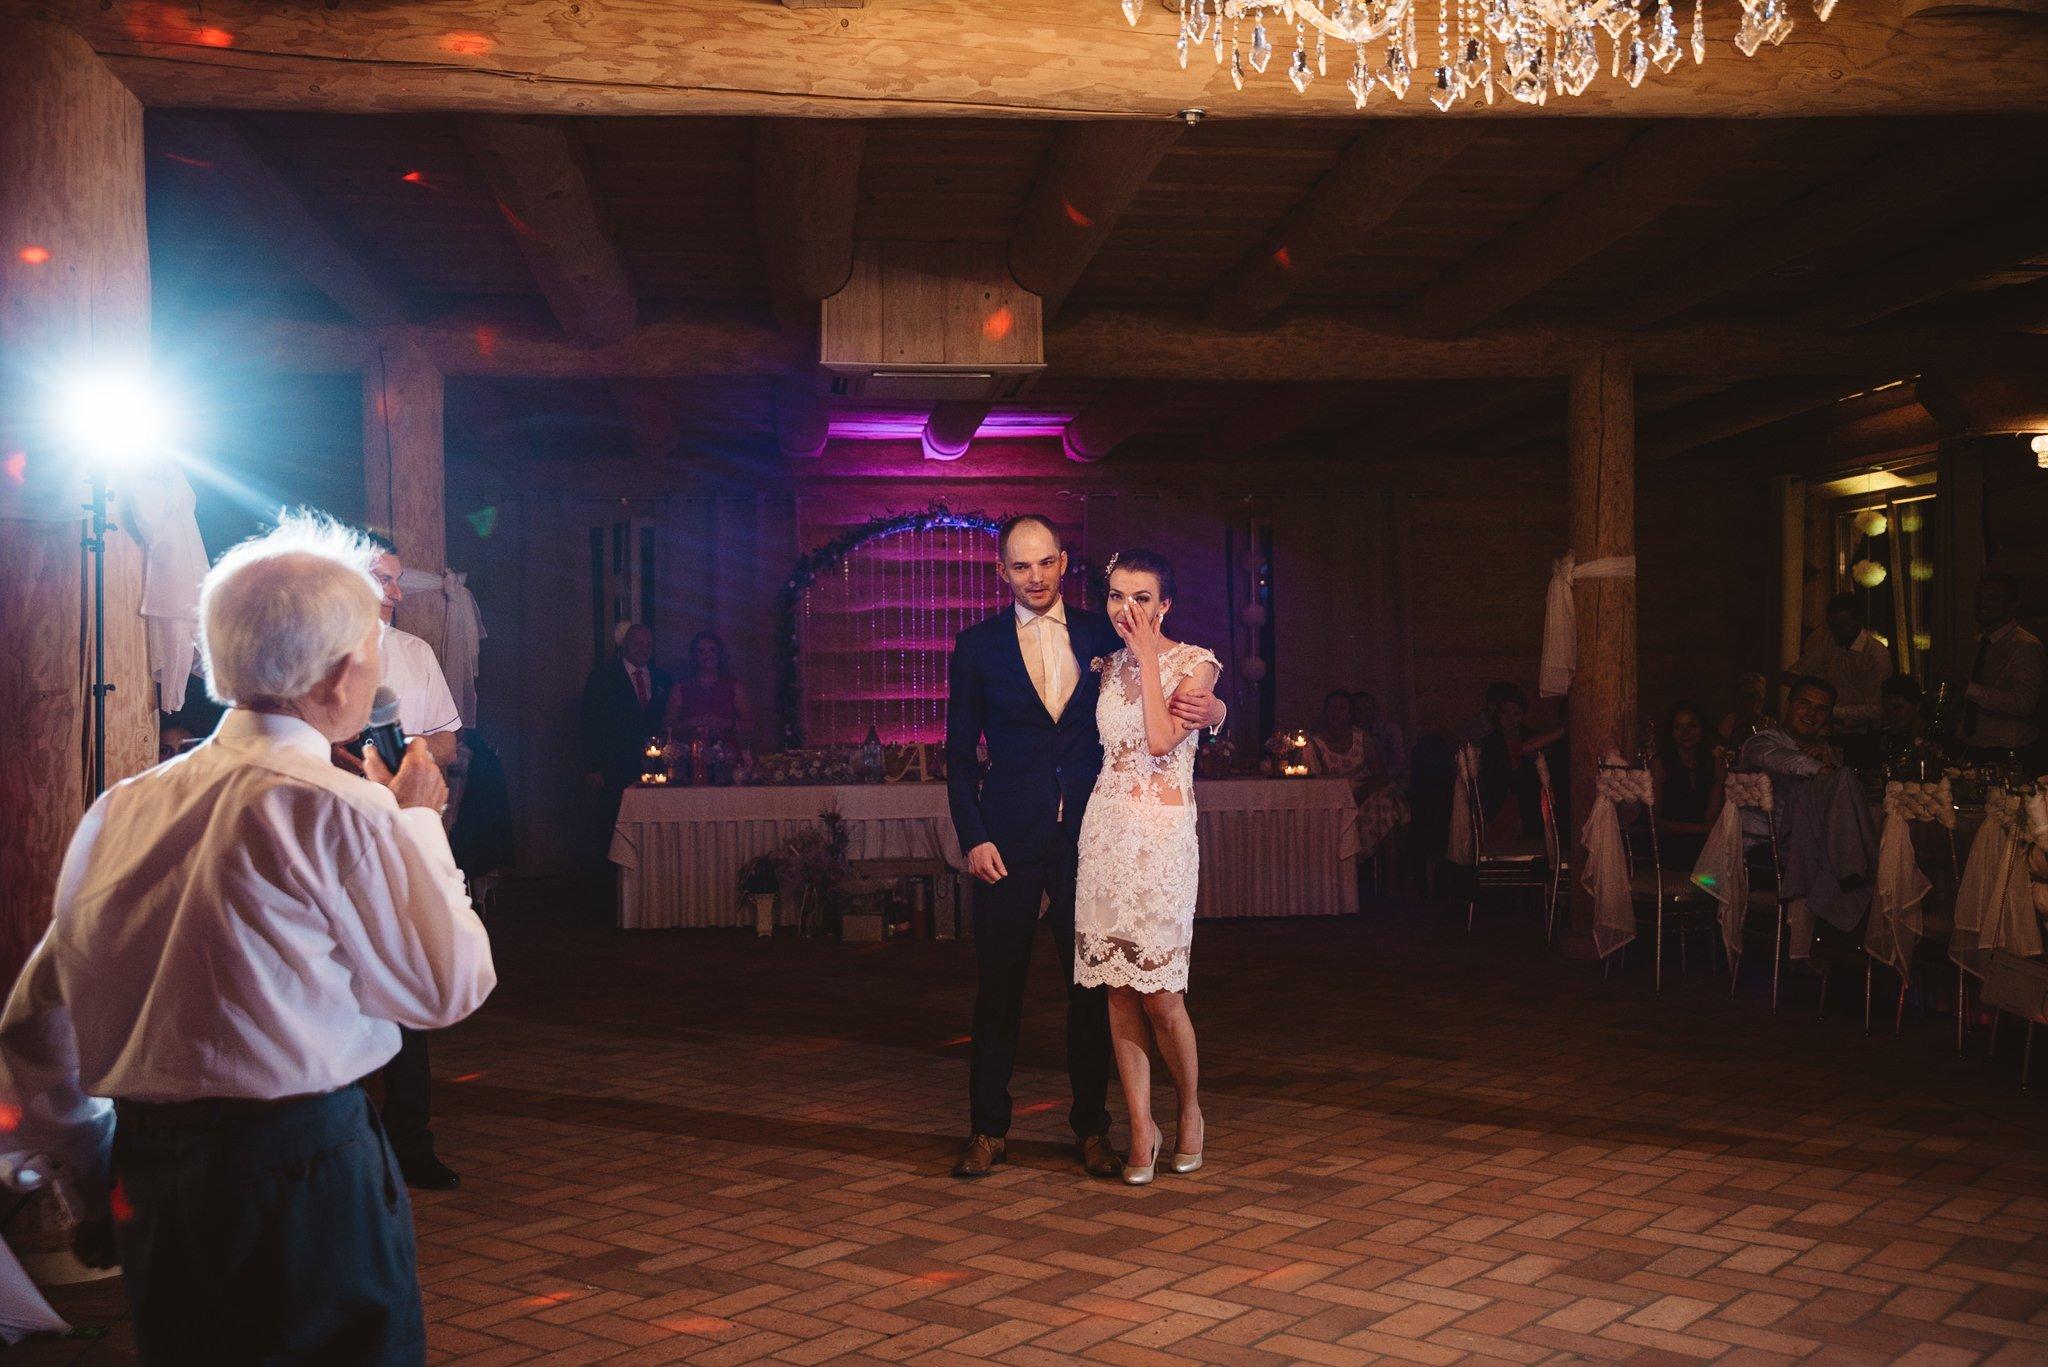 Ala i Arek, czyli jak zorganizować ślub i wesele w 4 tygodnie! 362